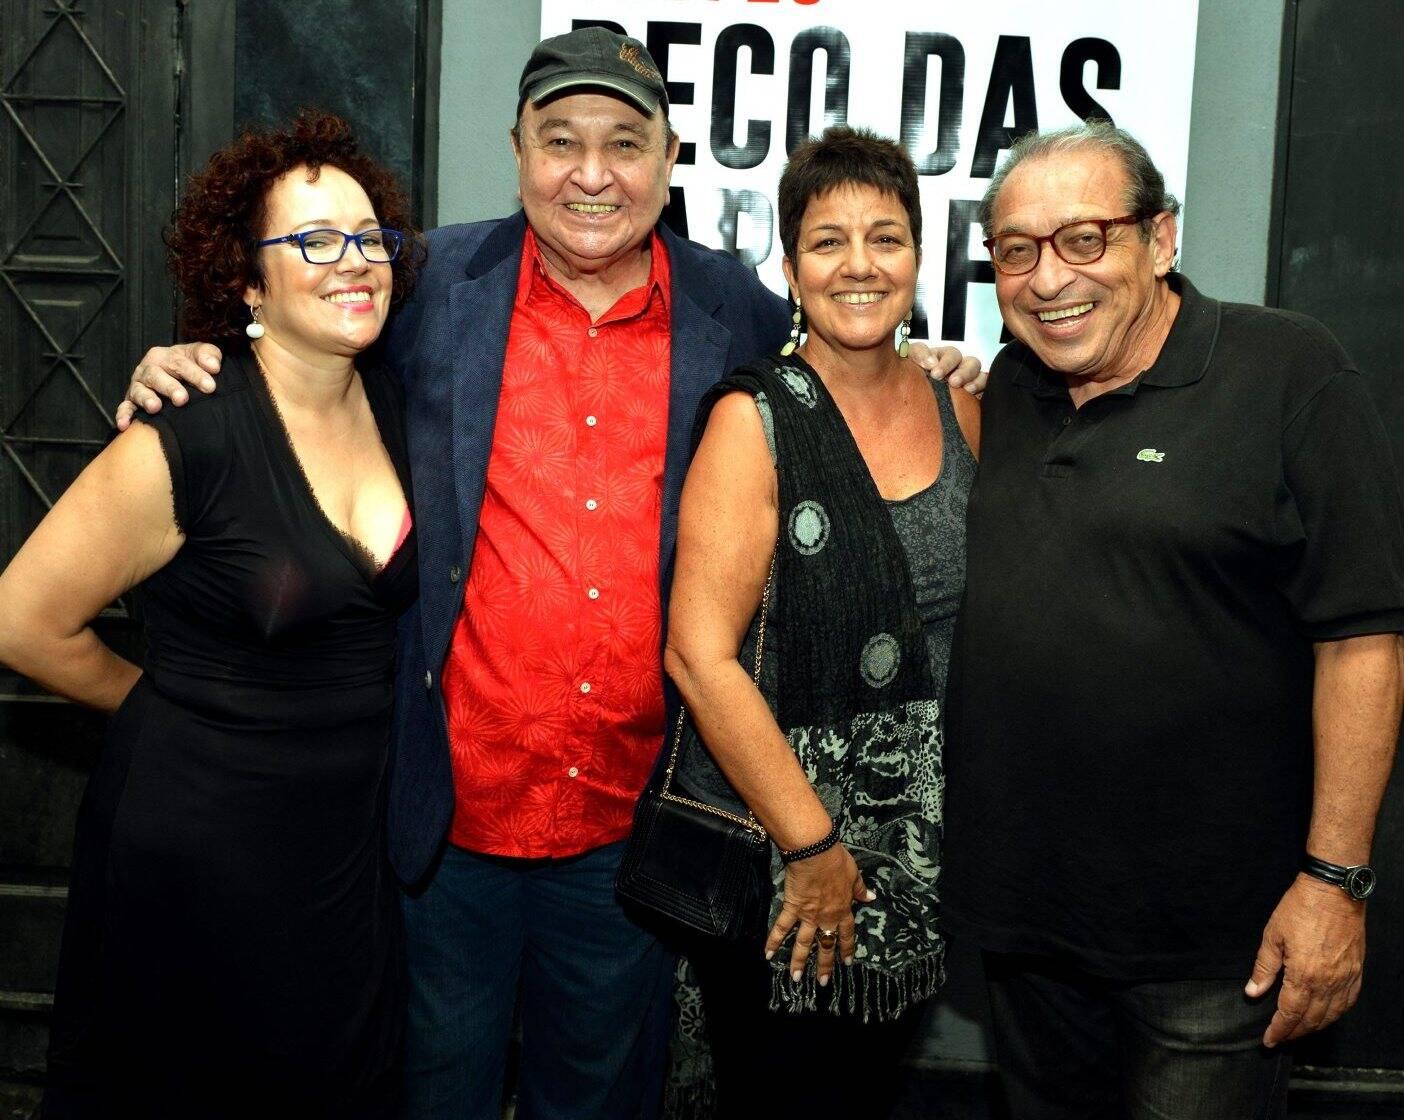 Ivone Belém, João Donato, Heloisa Seixas e Ruy Castro no Beco das Garrafs